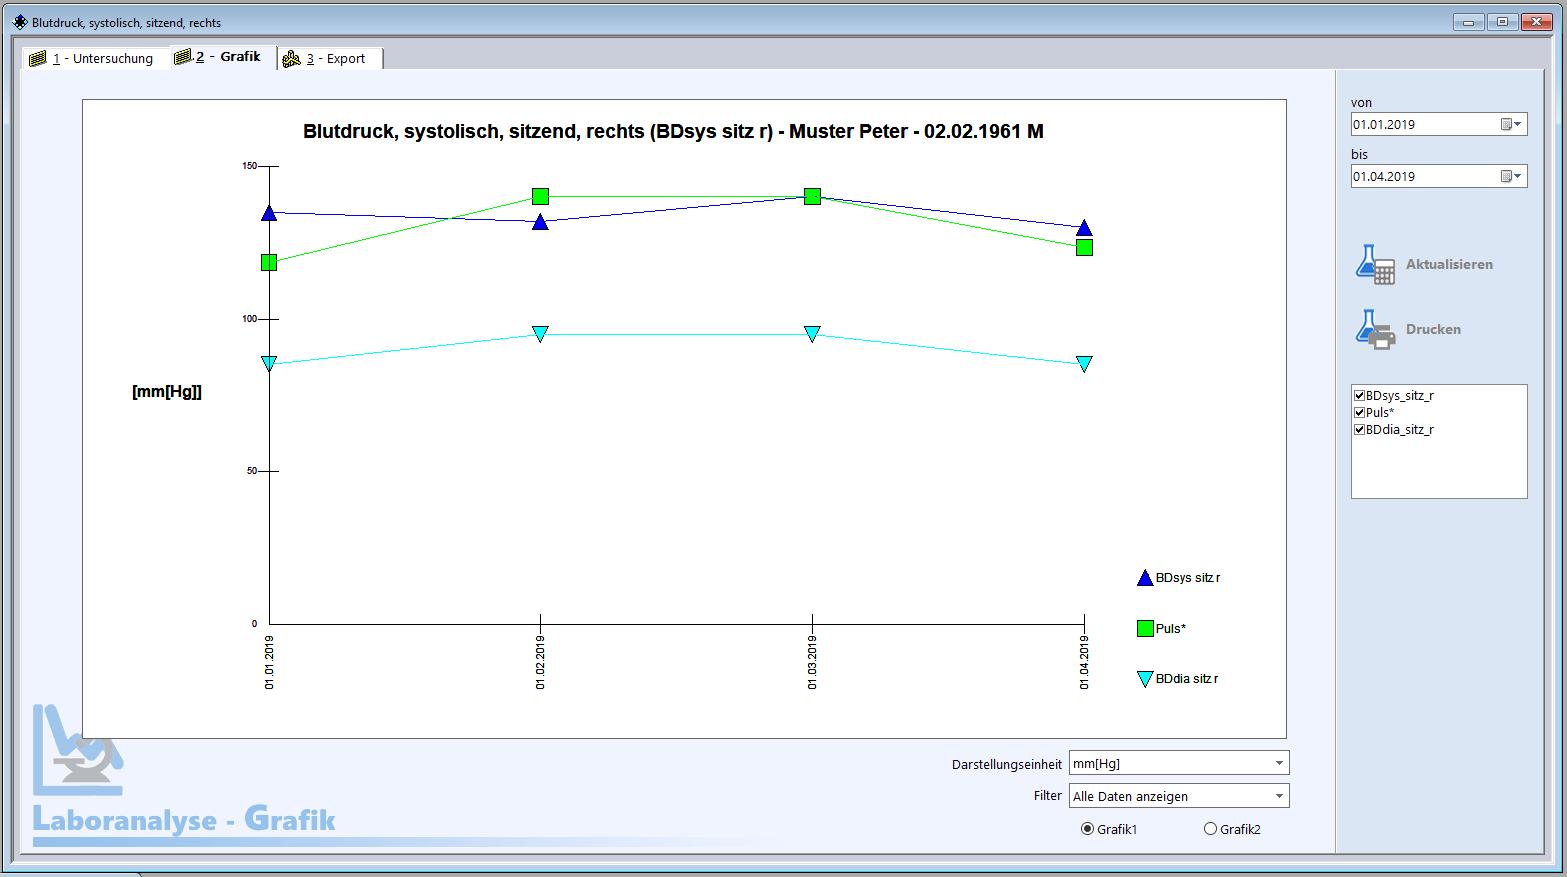 Praxissoftware WinMed - die zukunftsorientierte Arztpraxis Software  (Software für Ärzte)